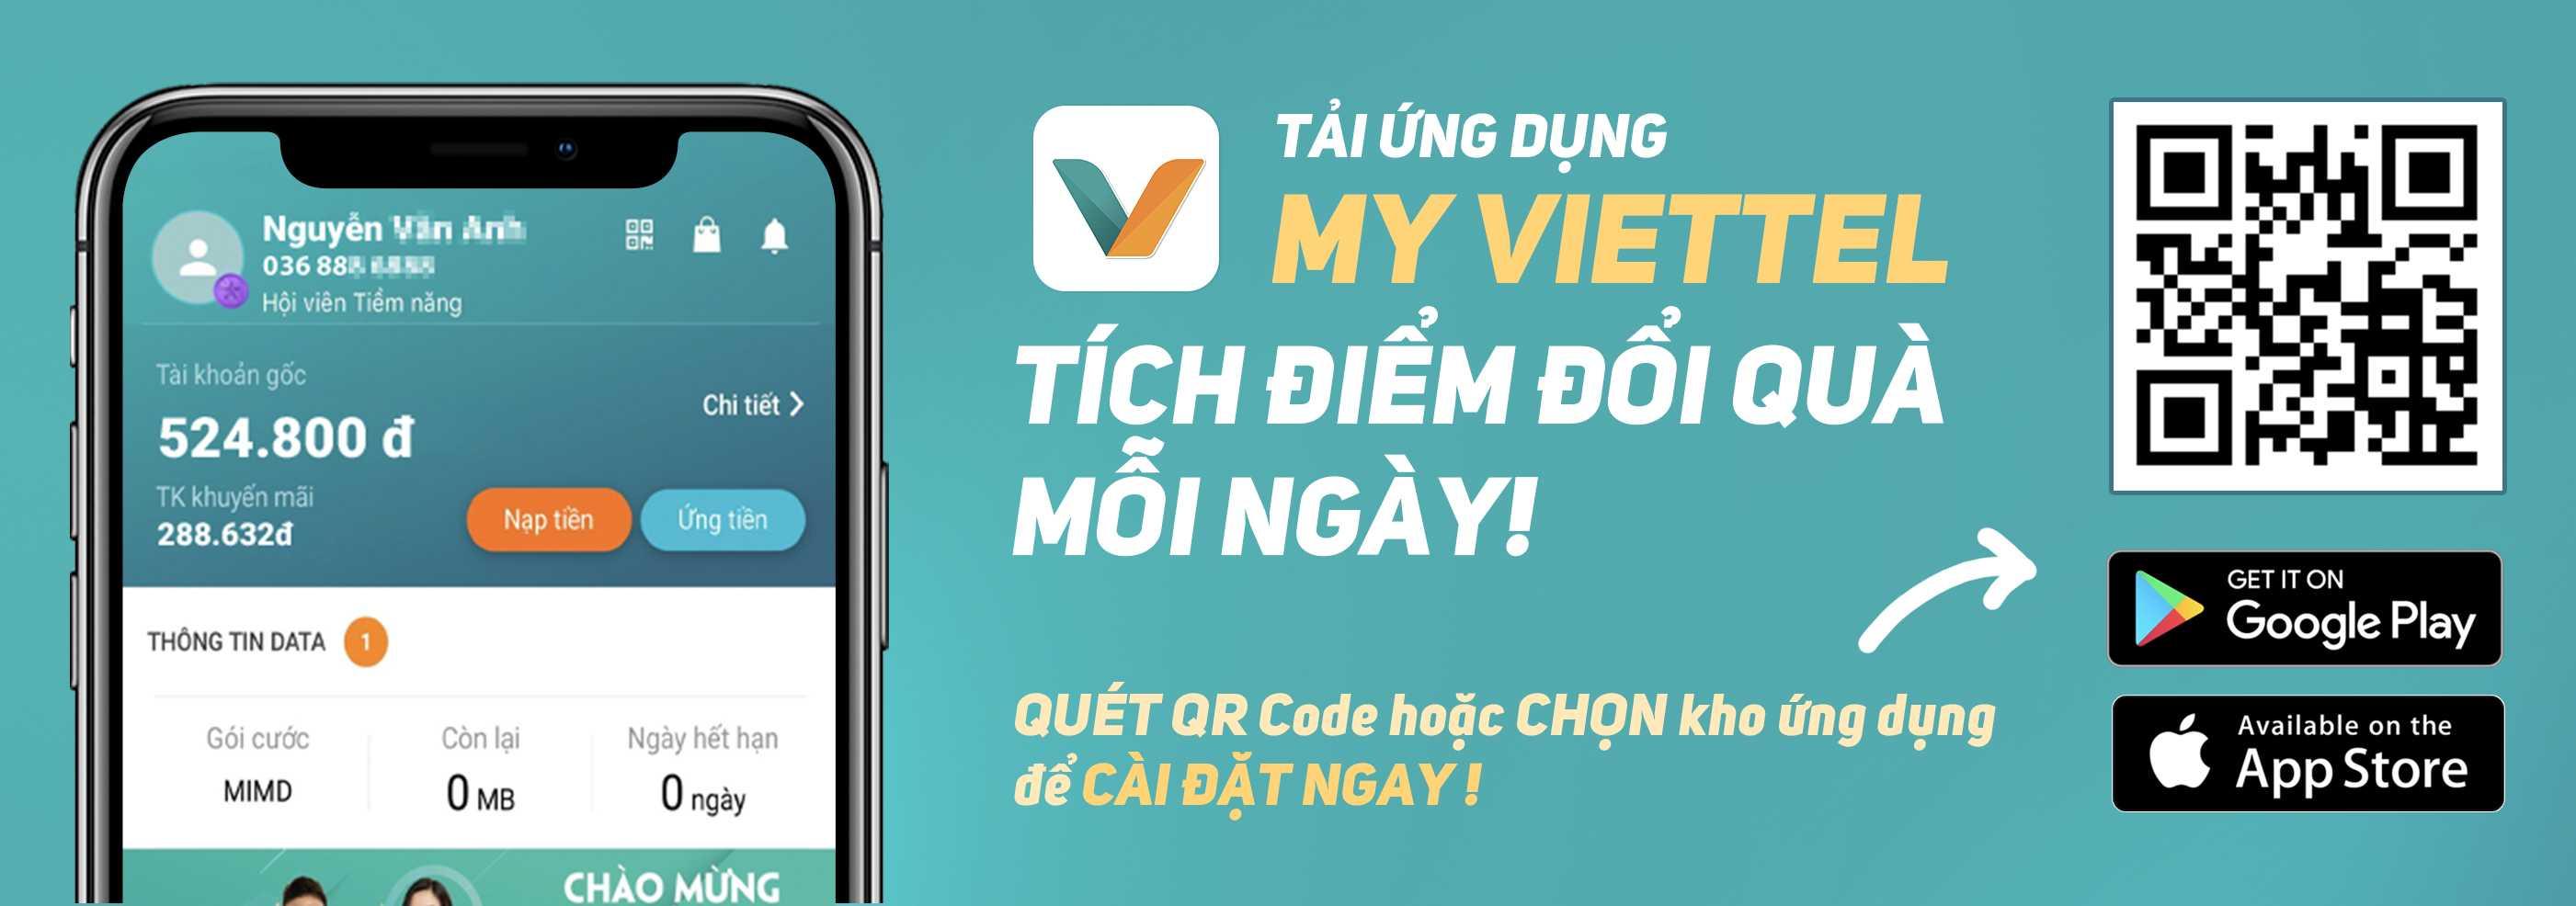 Tải app myviettel